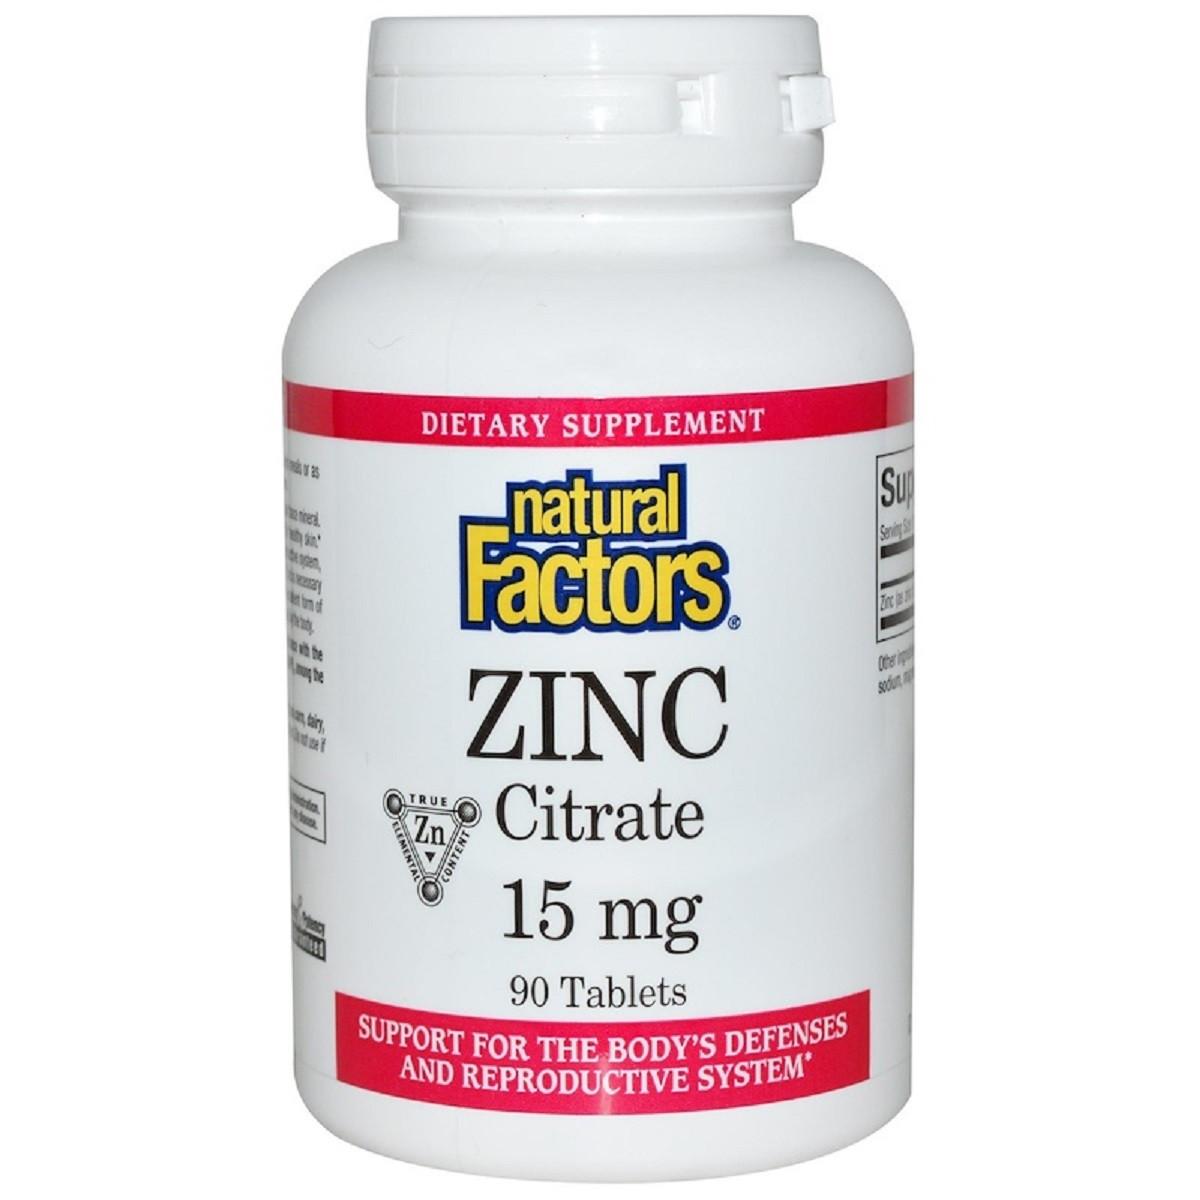 Цитрат Цинка Natural Factors Zinc Citrate 15 мг 90 Таблеток